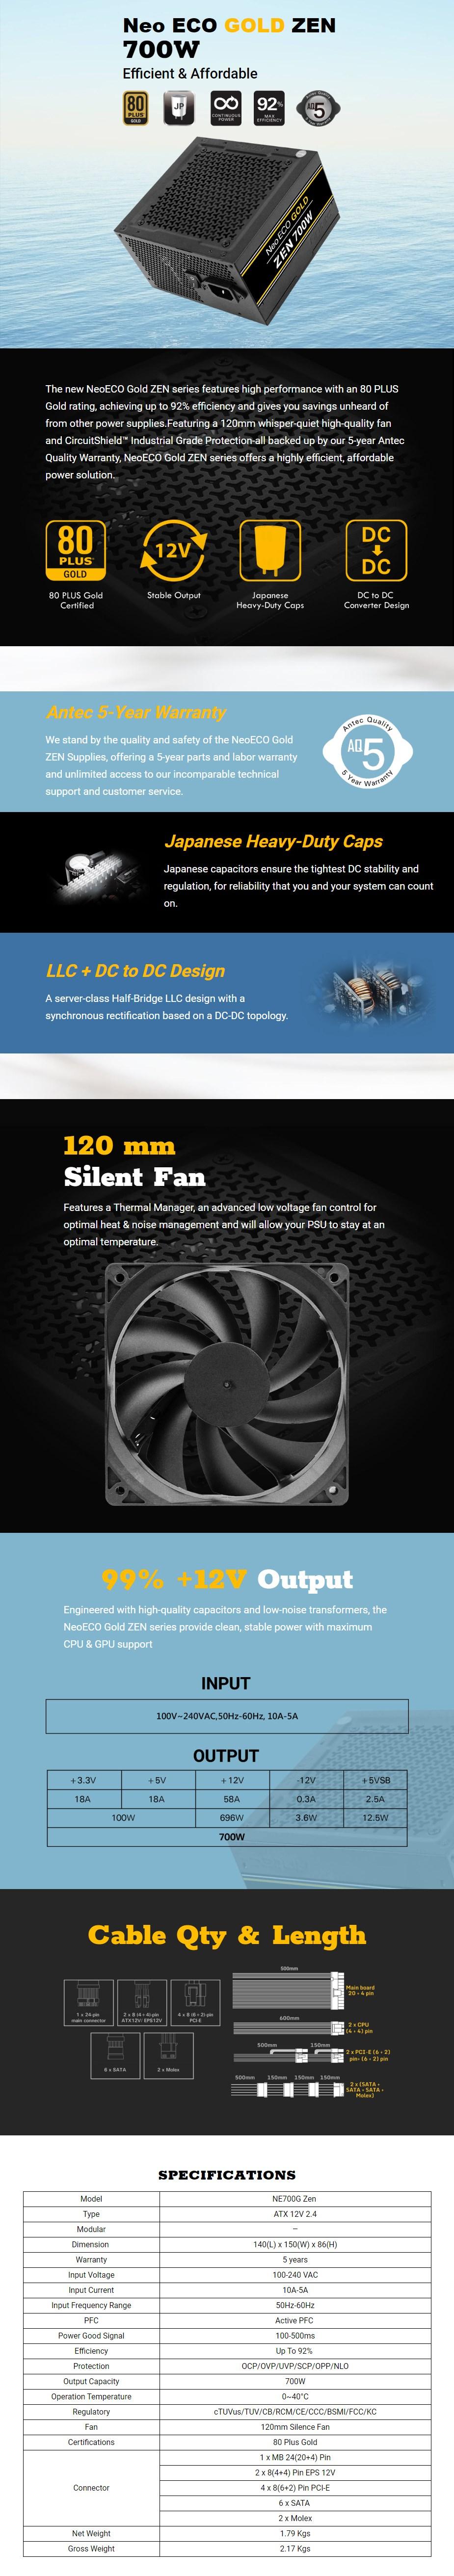 Antec Neo ECO GOLD ZEN 700W 80+ Non-Modular Power Supply - Overview 1